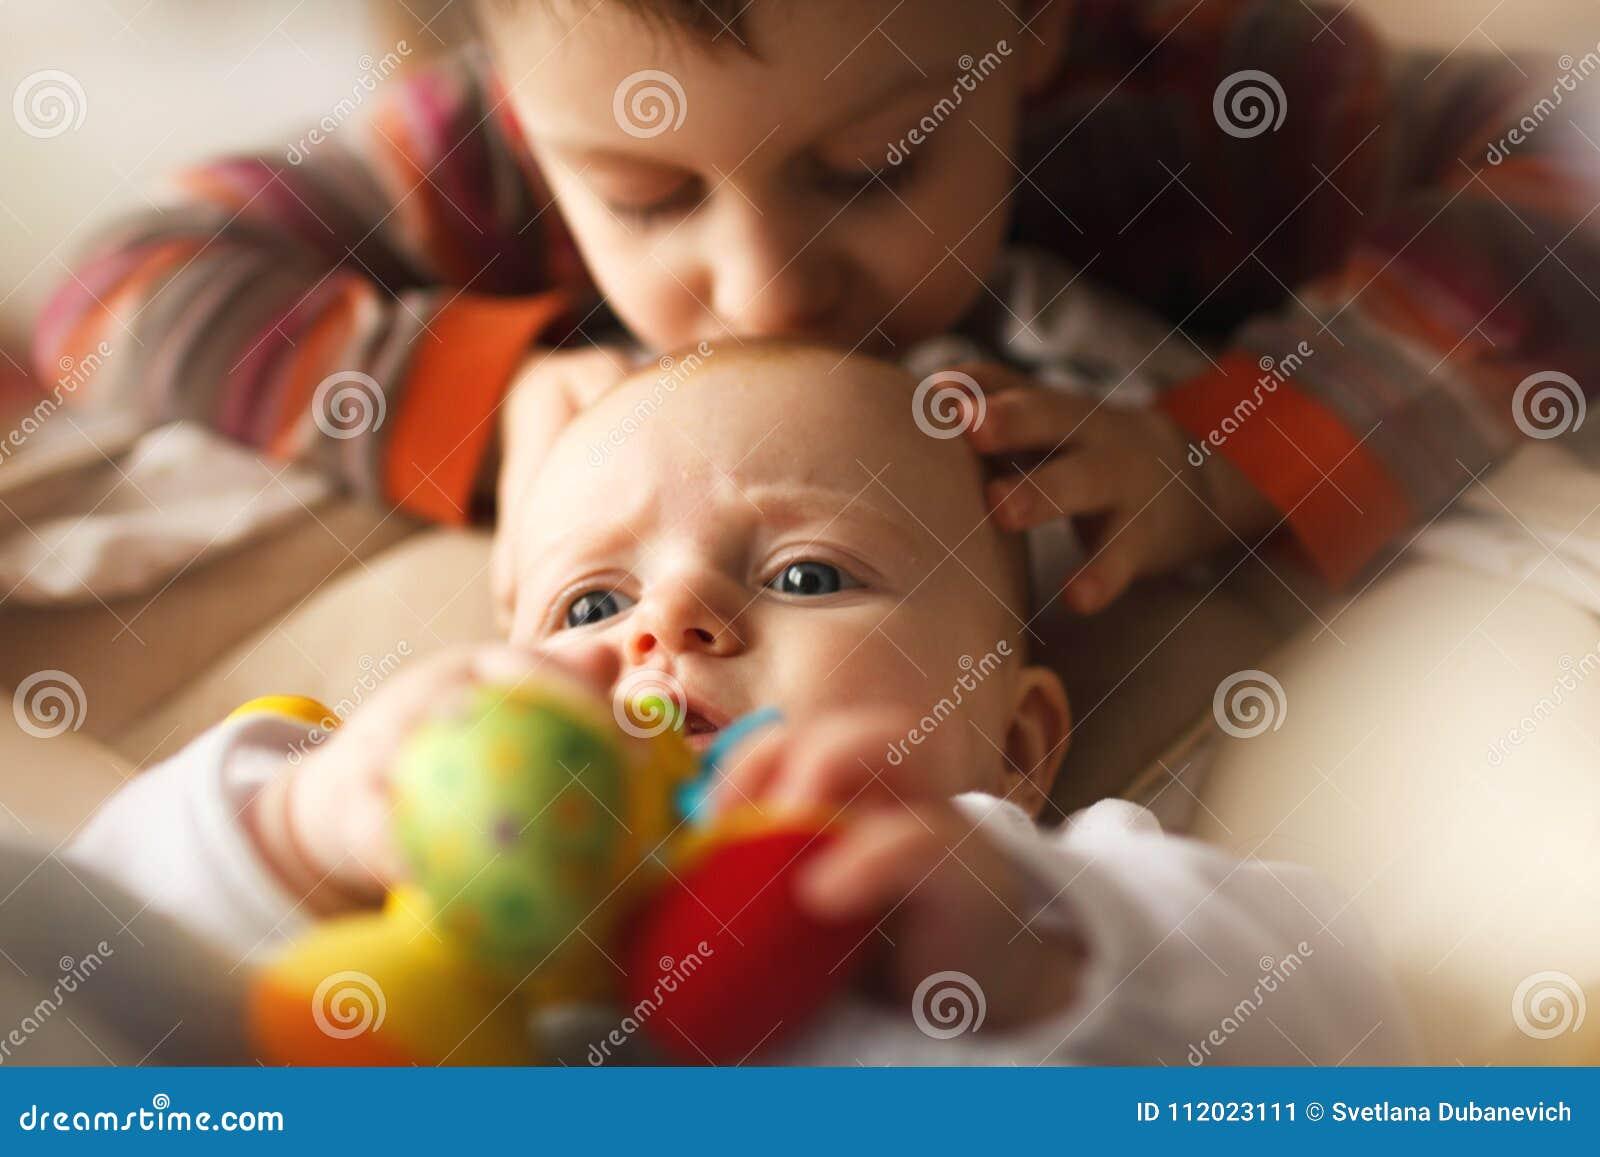 Αδελφός με τη μικρή αδελφή του